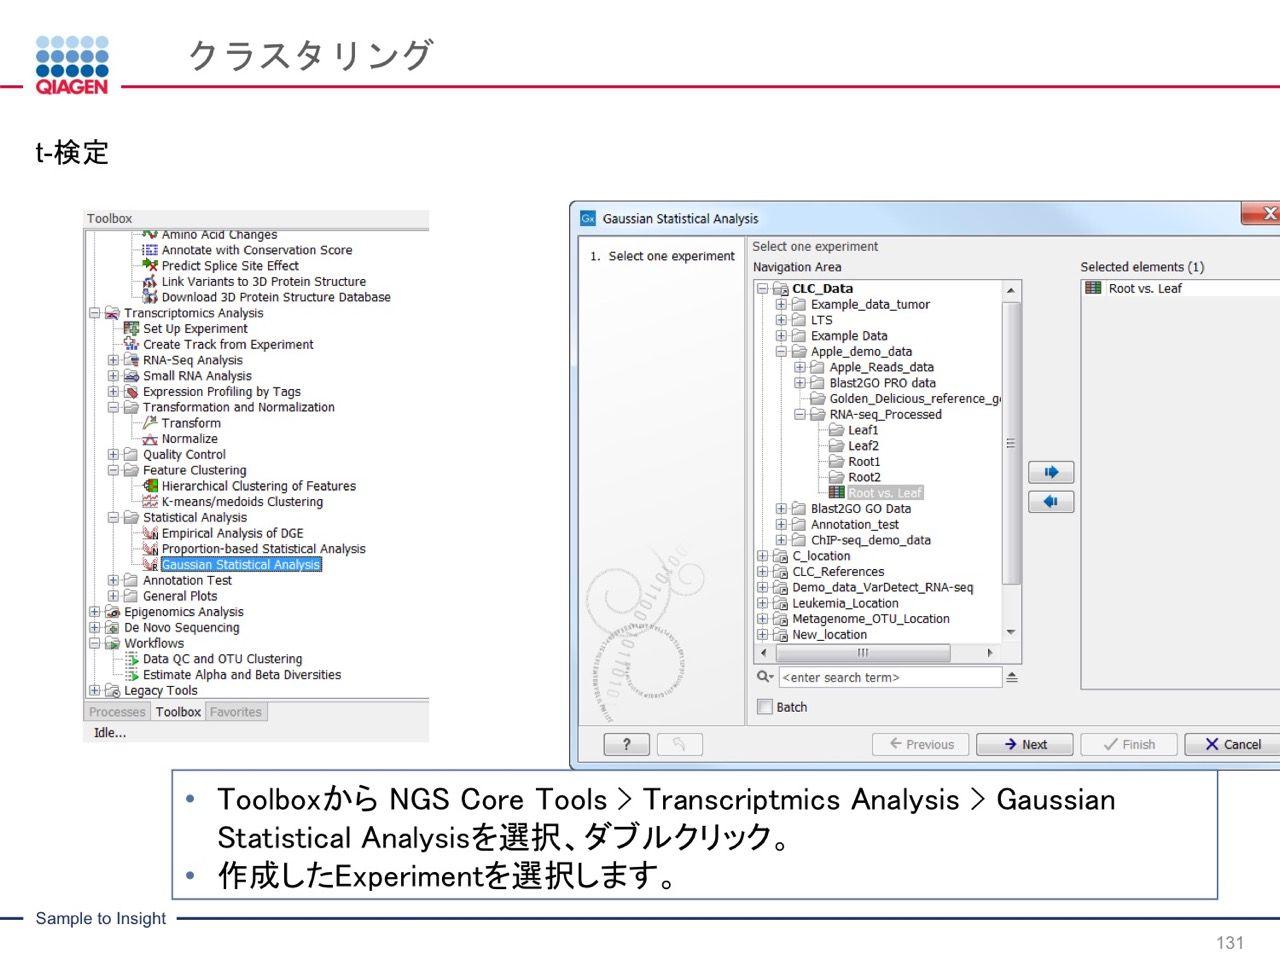 images/AJACSa2_miyamoto_131.jpg